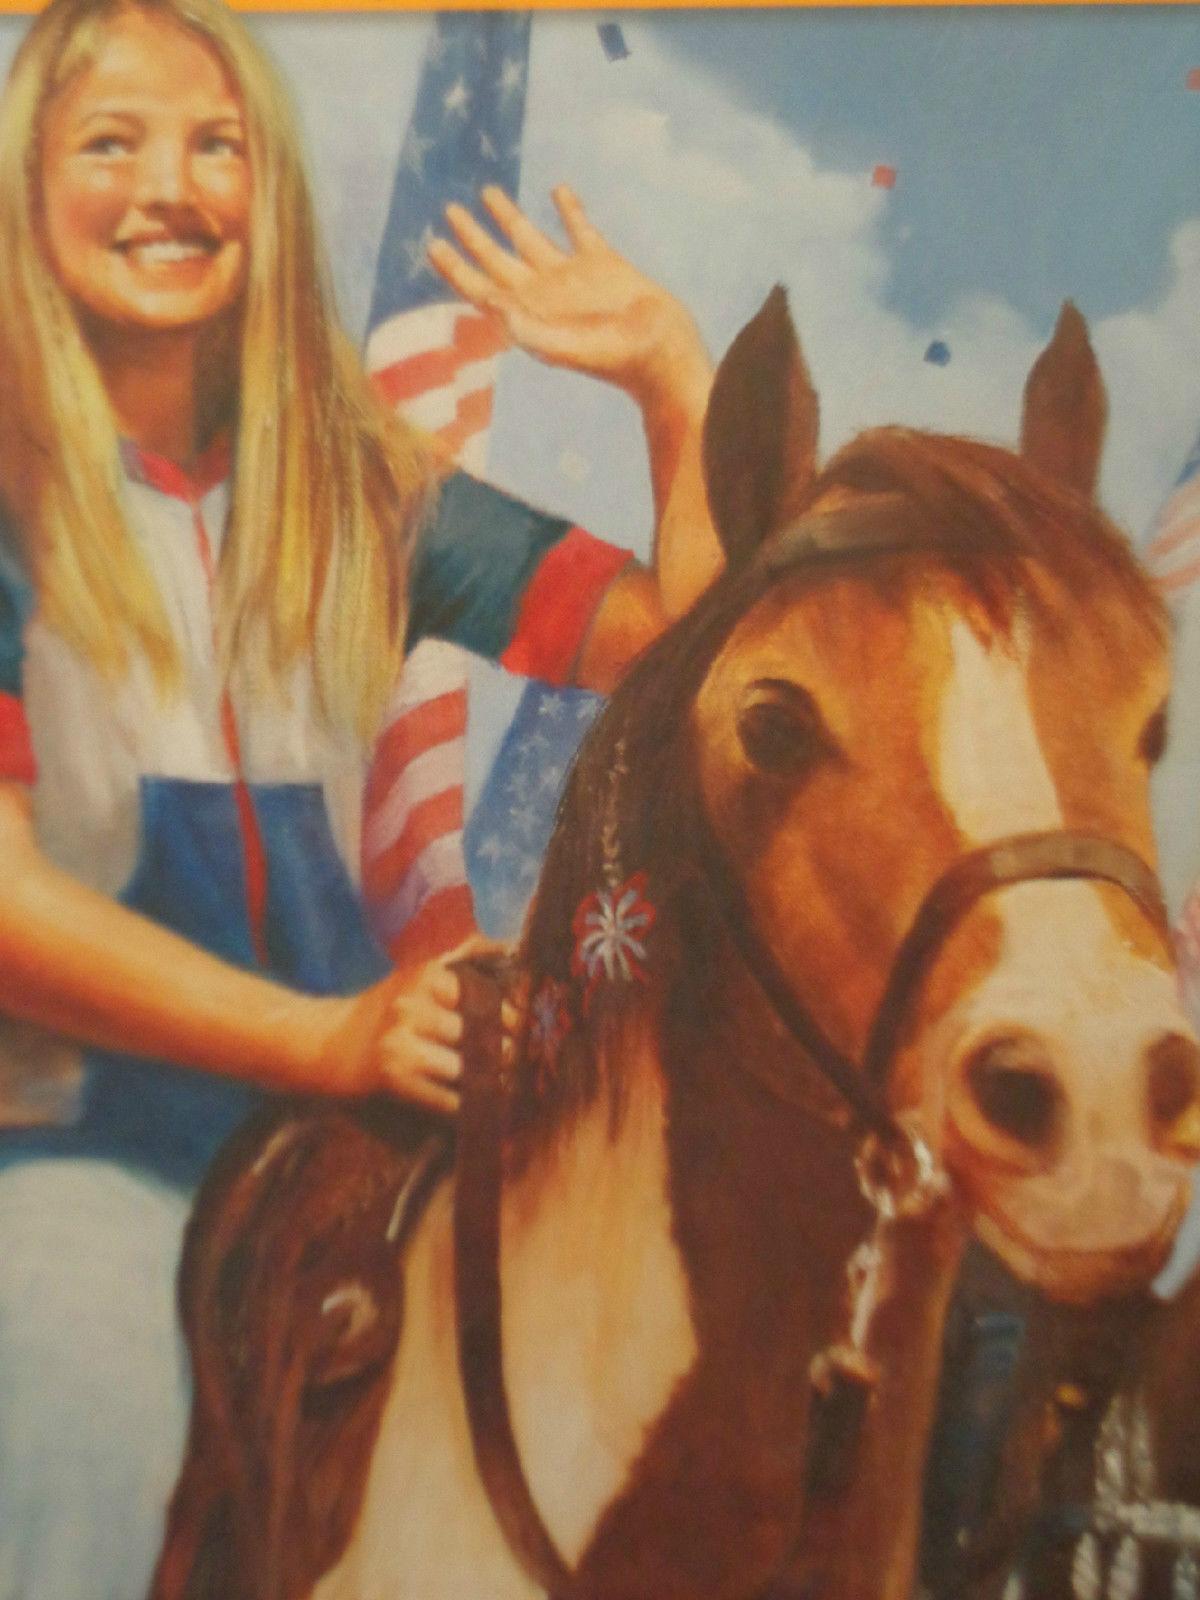 Lote American Girl Julie Set En Caja Enorme De Tapa Dura Libros De Lujo